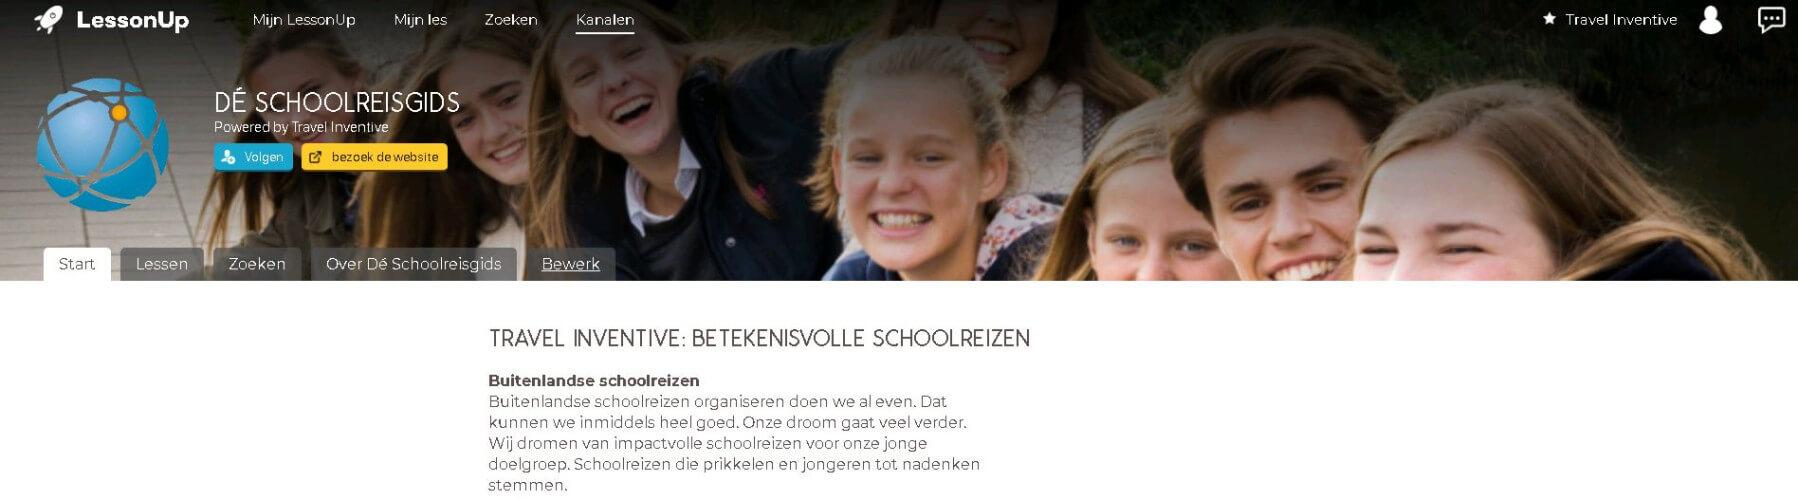 Interactieve schoolreisgids: een kanaal voor digitale buitenlandse schoolreis lessen